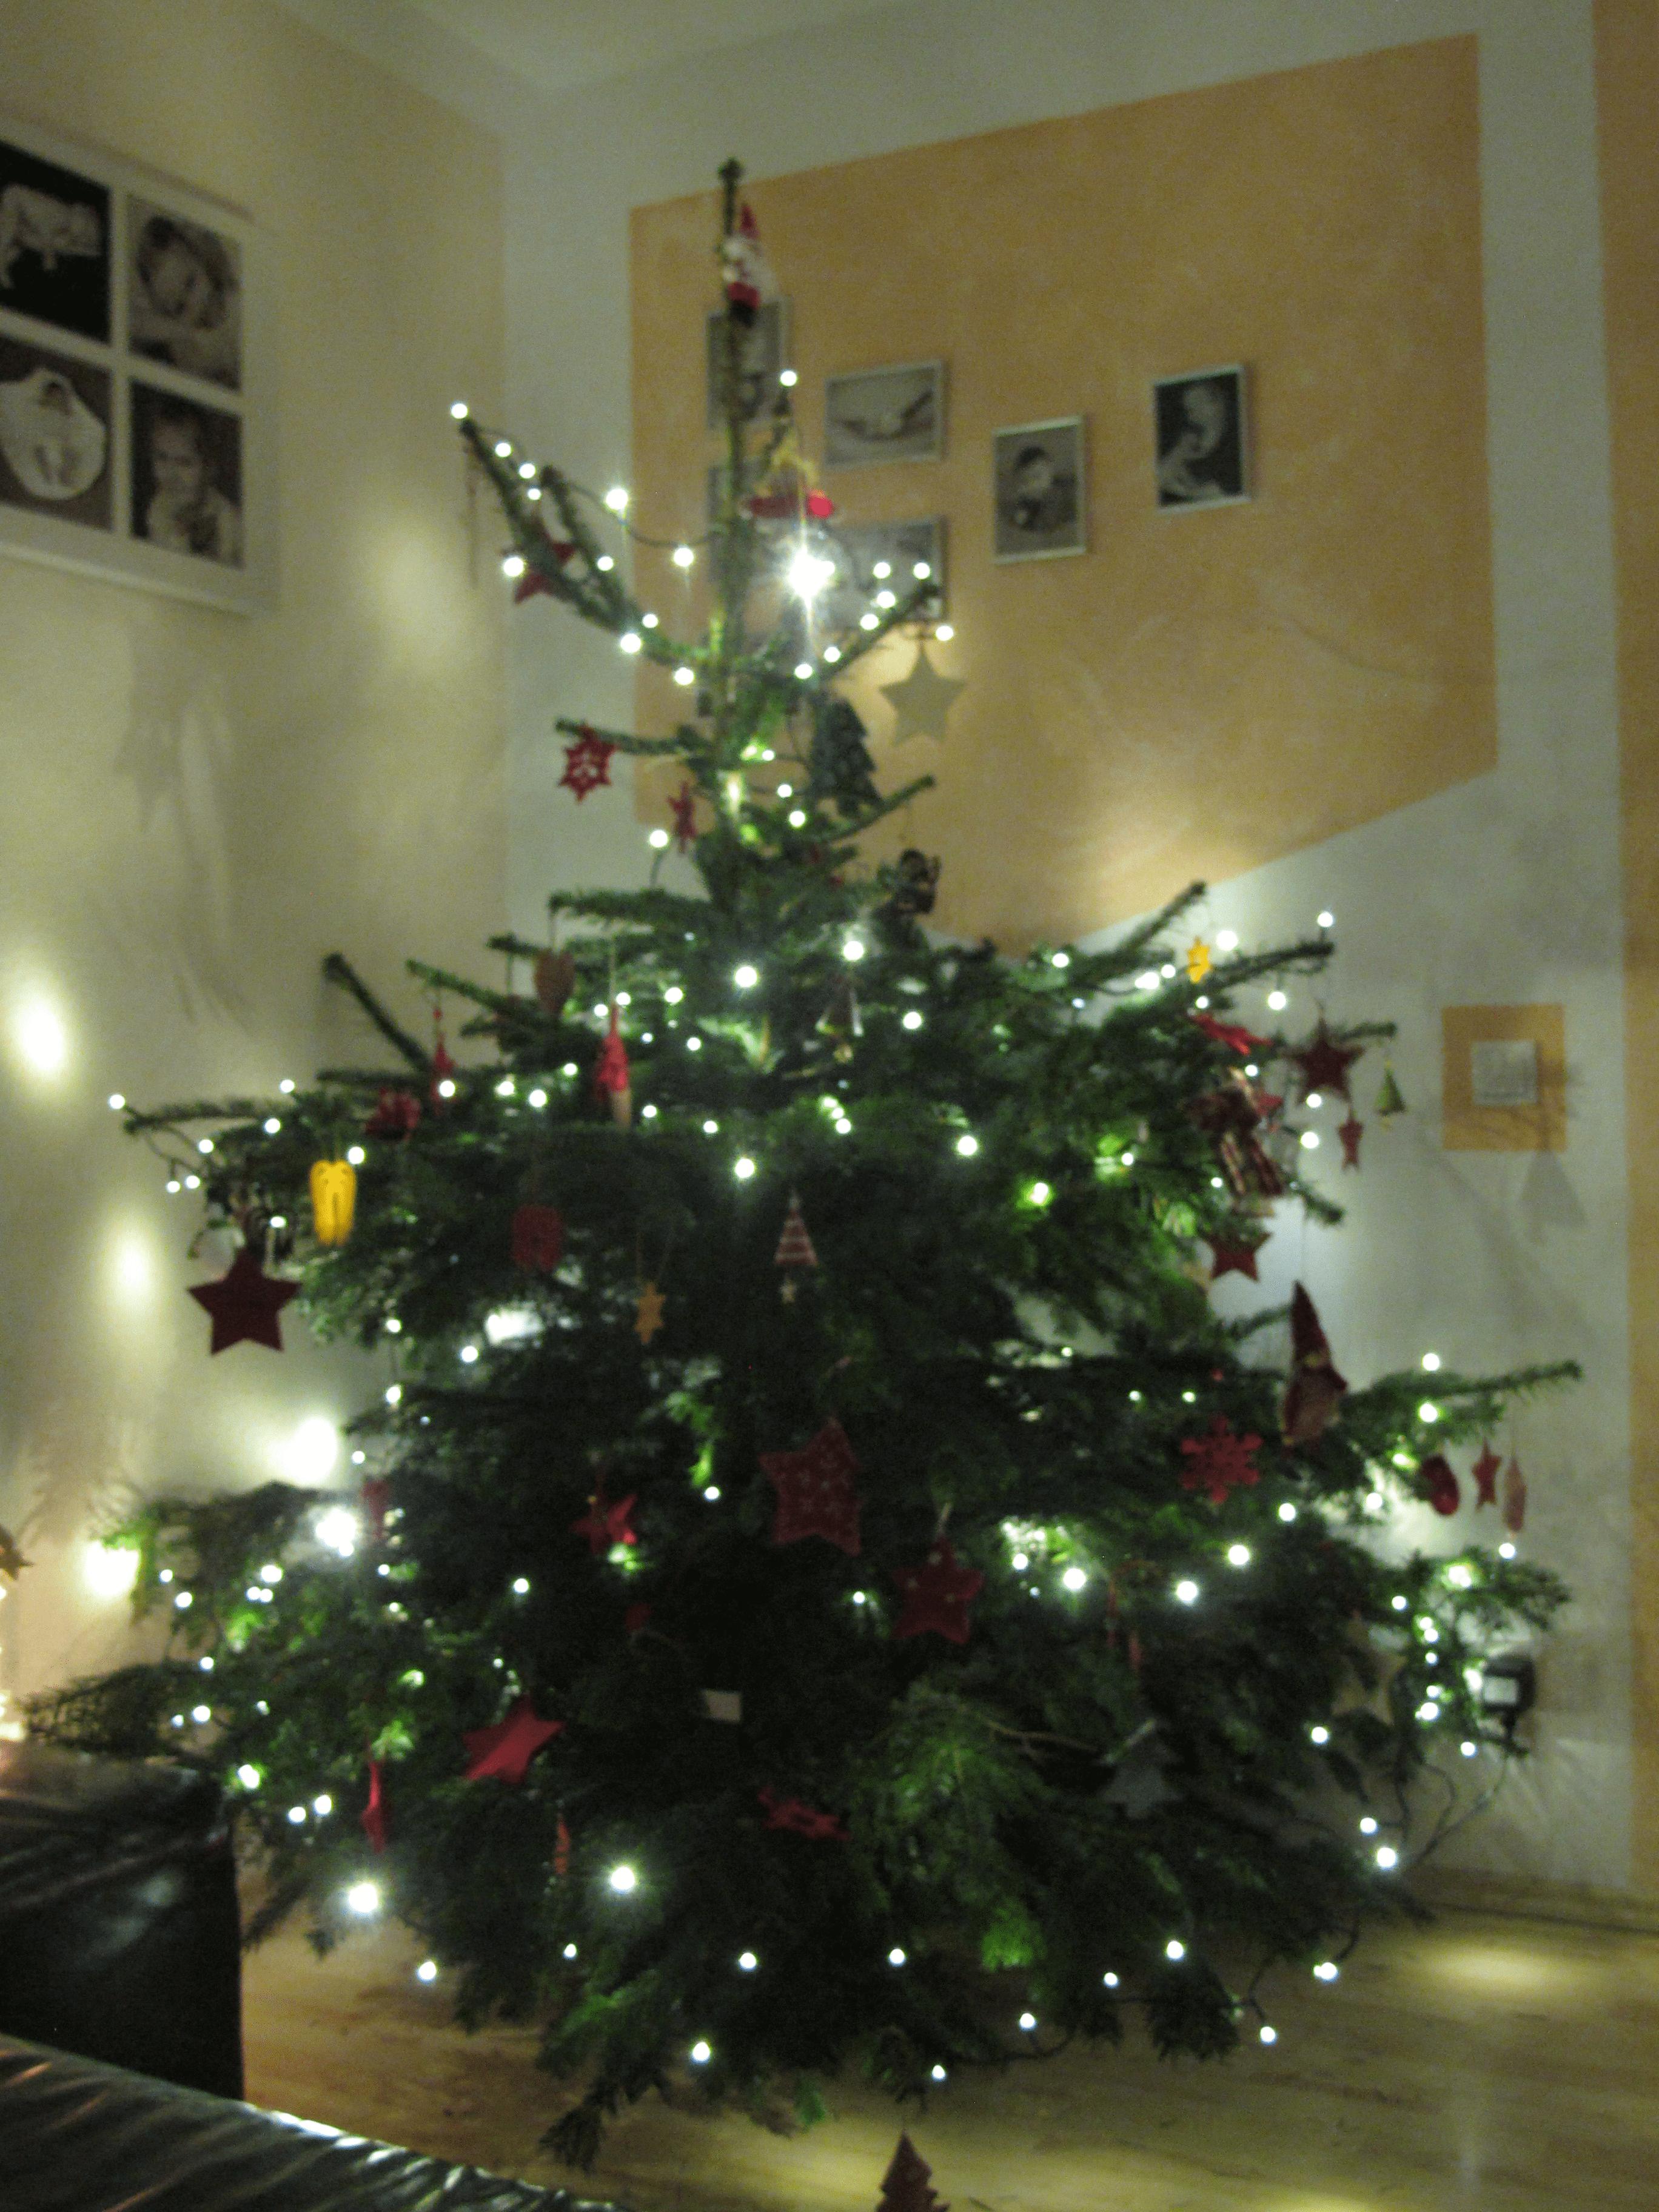 Weihnachtsbaum Geschenke Geschenkideen Weihnachtsgeschenke - Videoleben - Freizeittipps Urlaubstipps Produkttests Backrezepte Kochrezepte Familyeller Marcel Eller